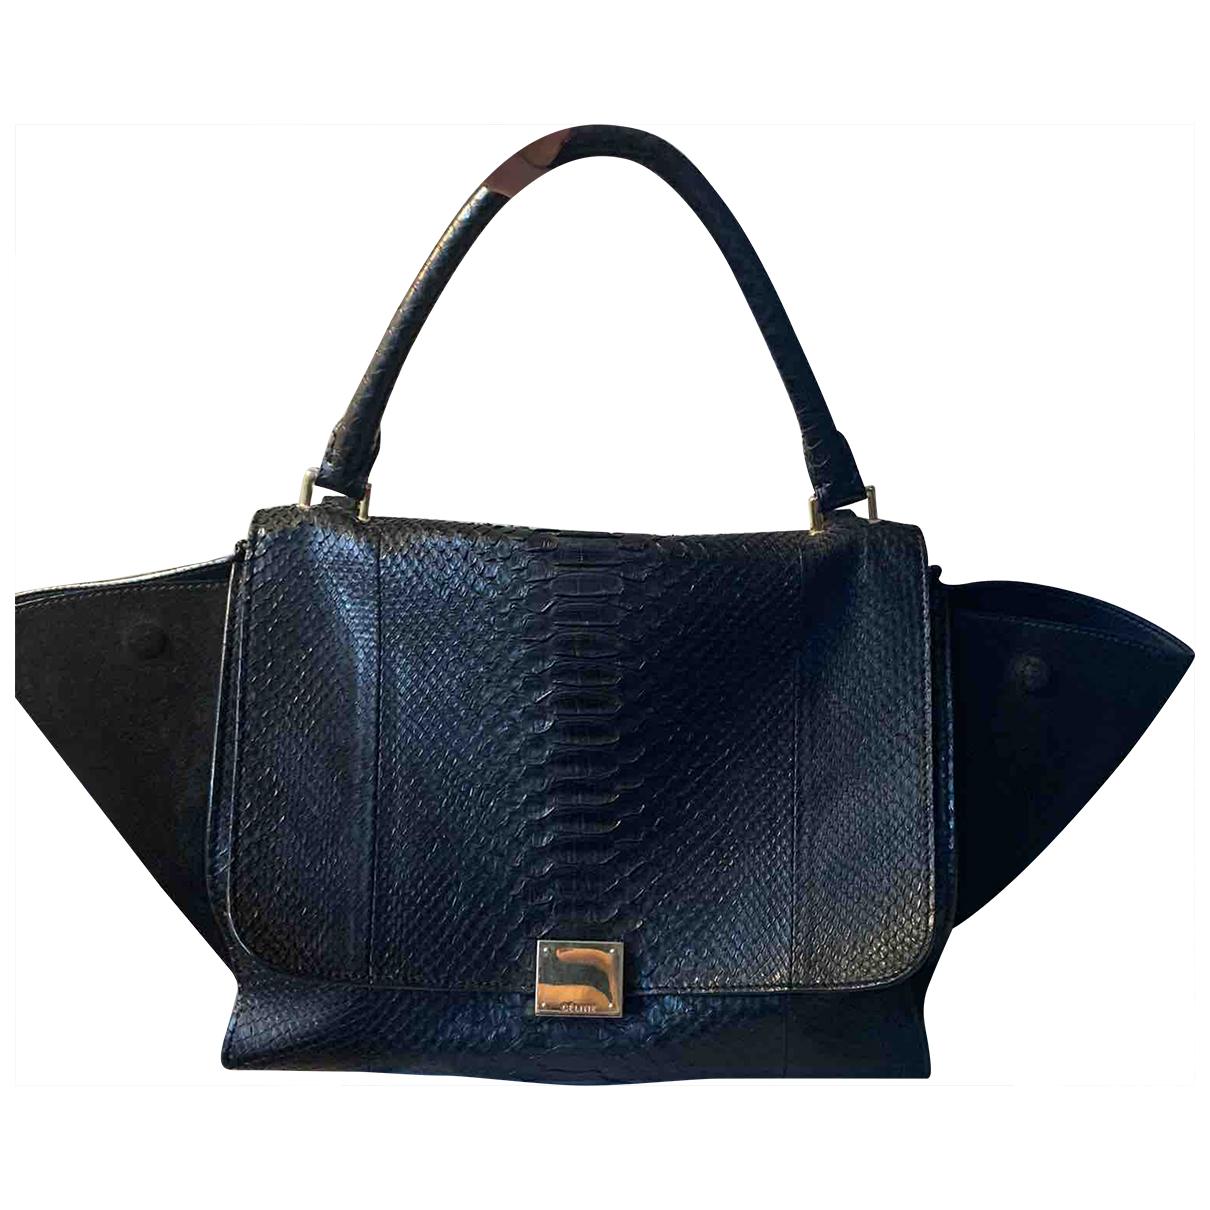 Celine Trapeze Handtasche in  Schwarz Python